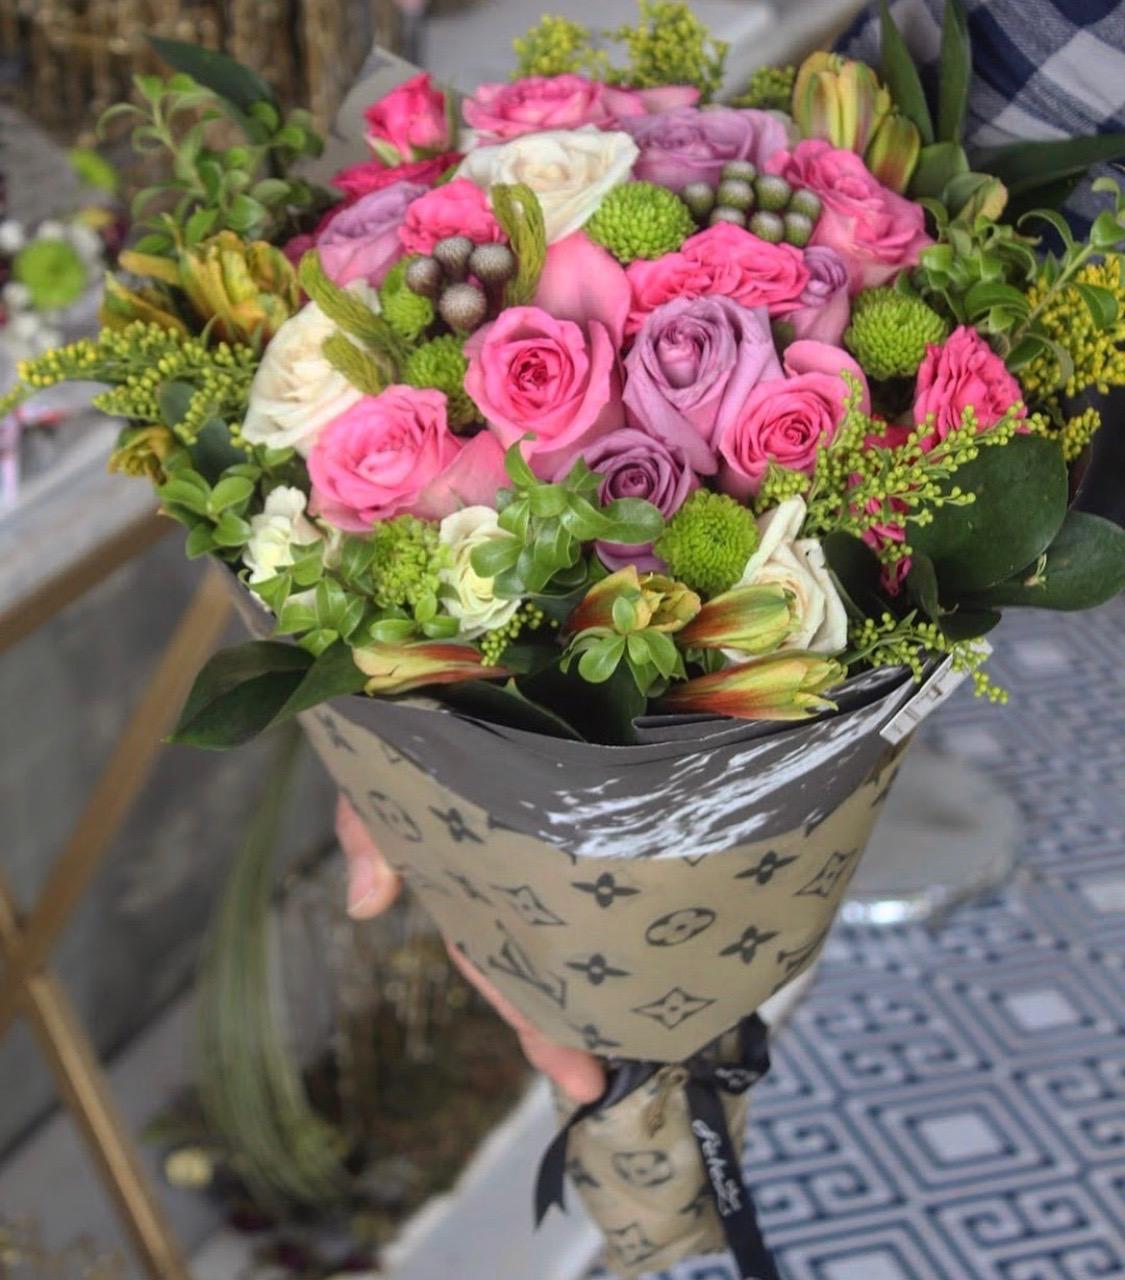 ال ڤي بوكيه 'باقة زهور'